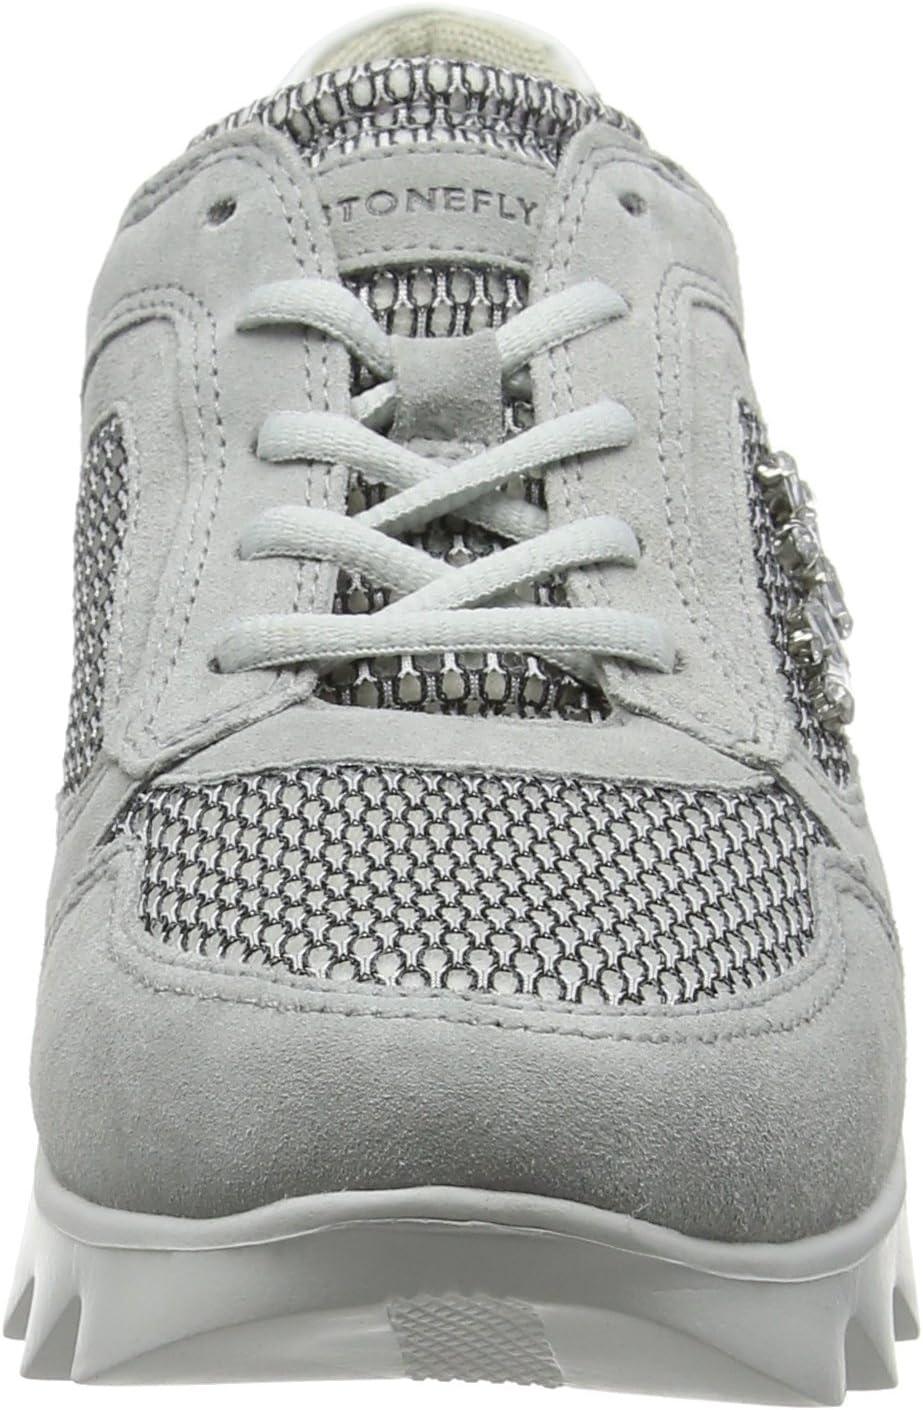 Stonefly Speedy Lady 1 Sneakers voor dames Ivoor Ice 076